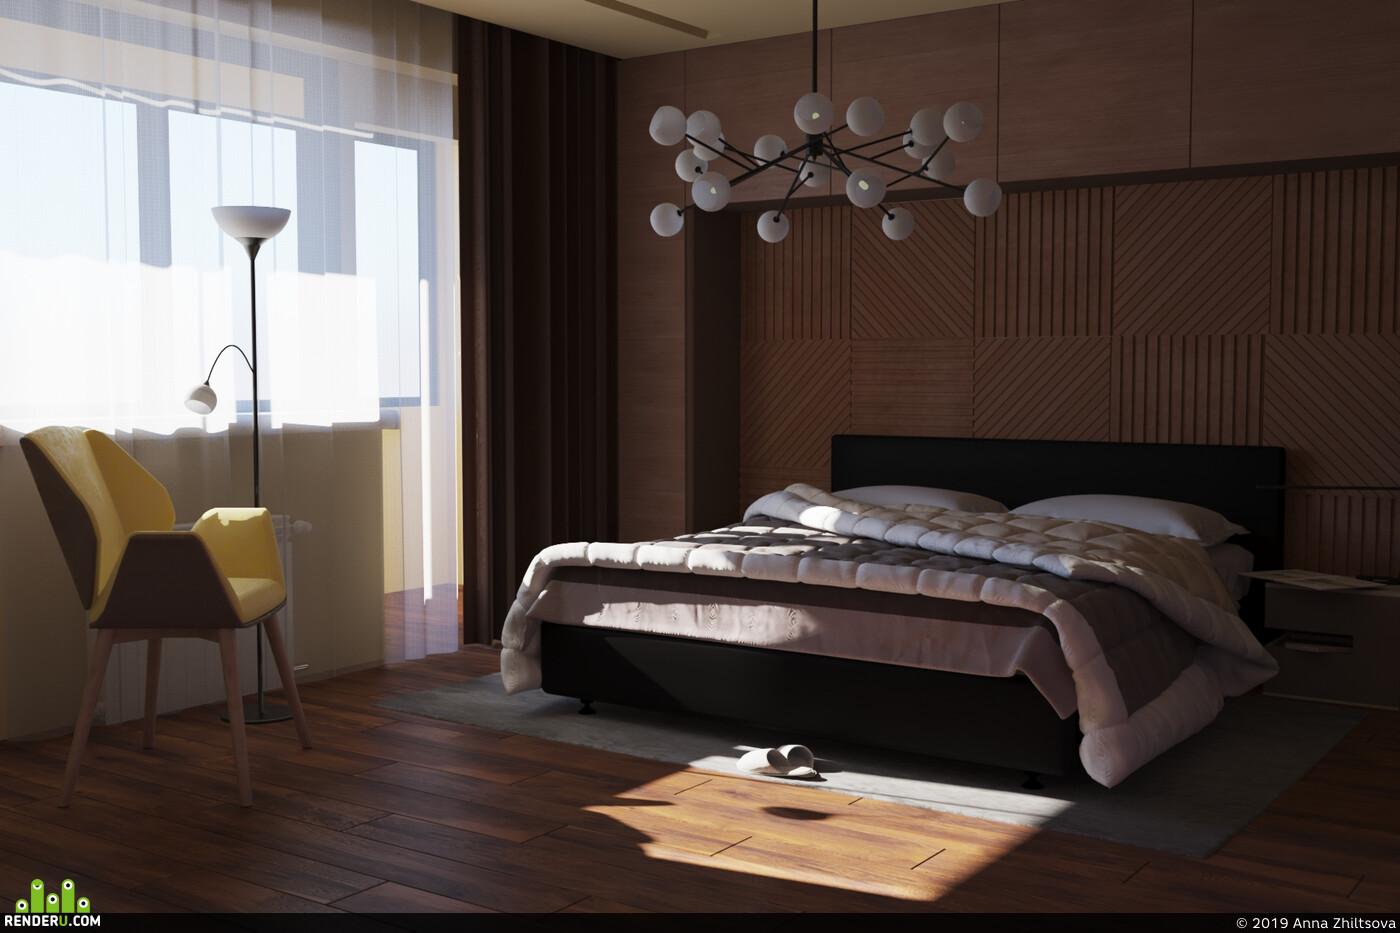 дизайн спальни, Спальня, интерьер спальни, утро, дерево, паркет, 3д панели